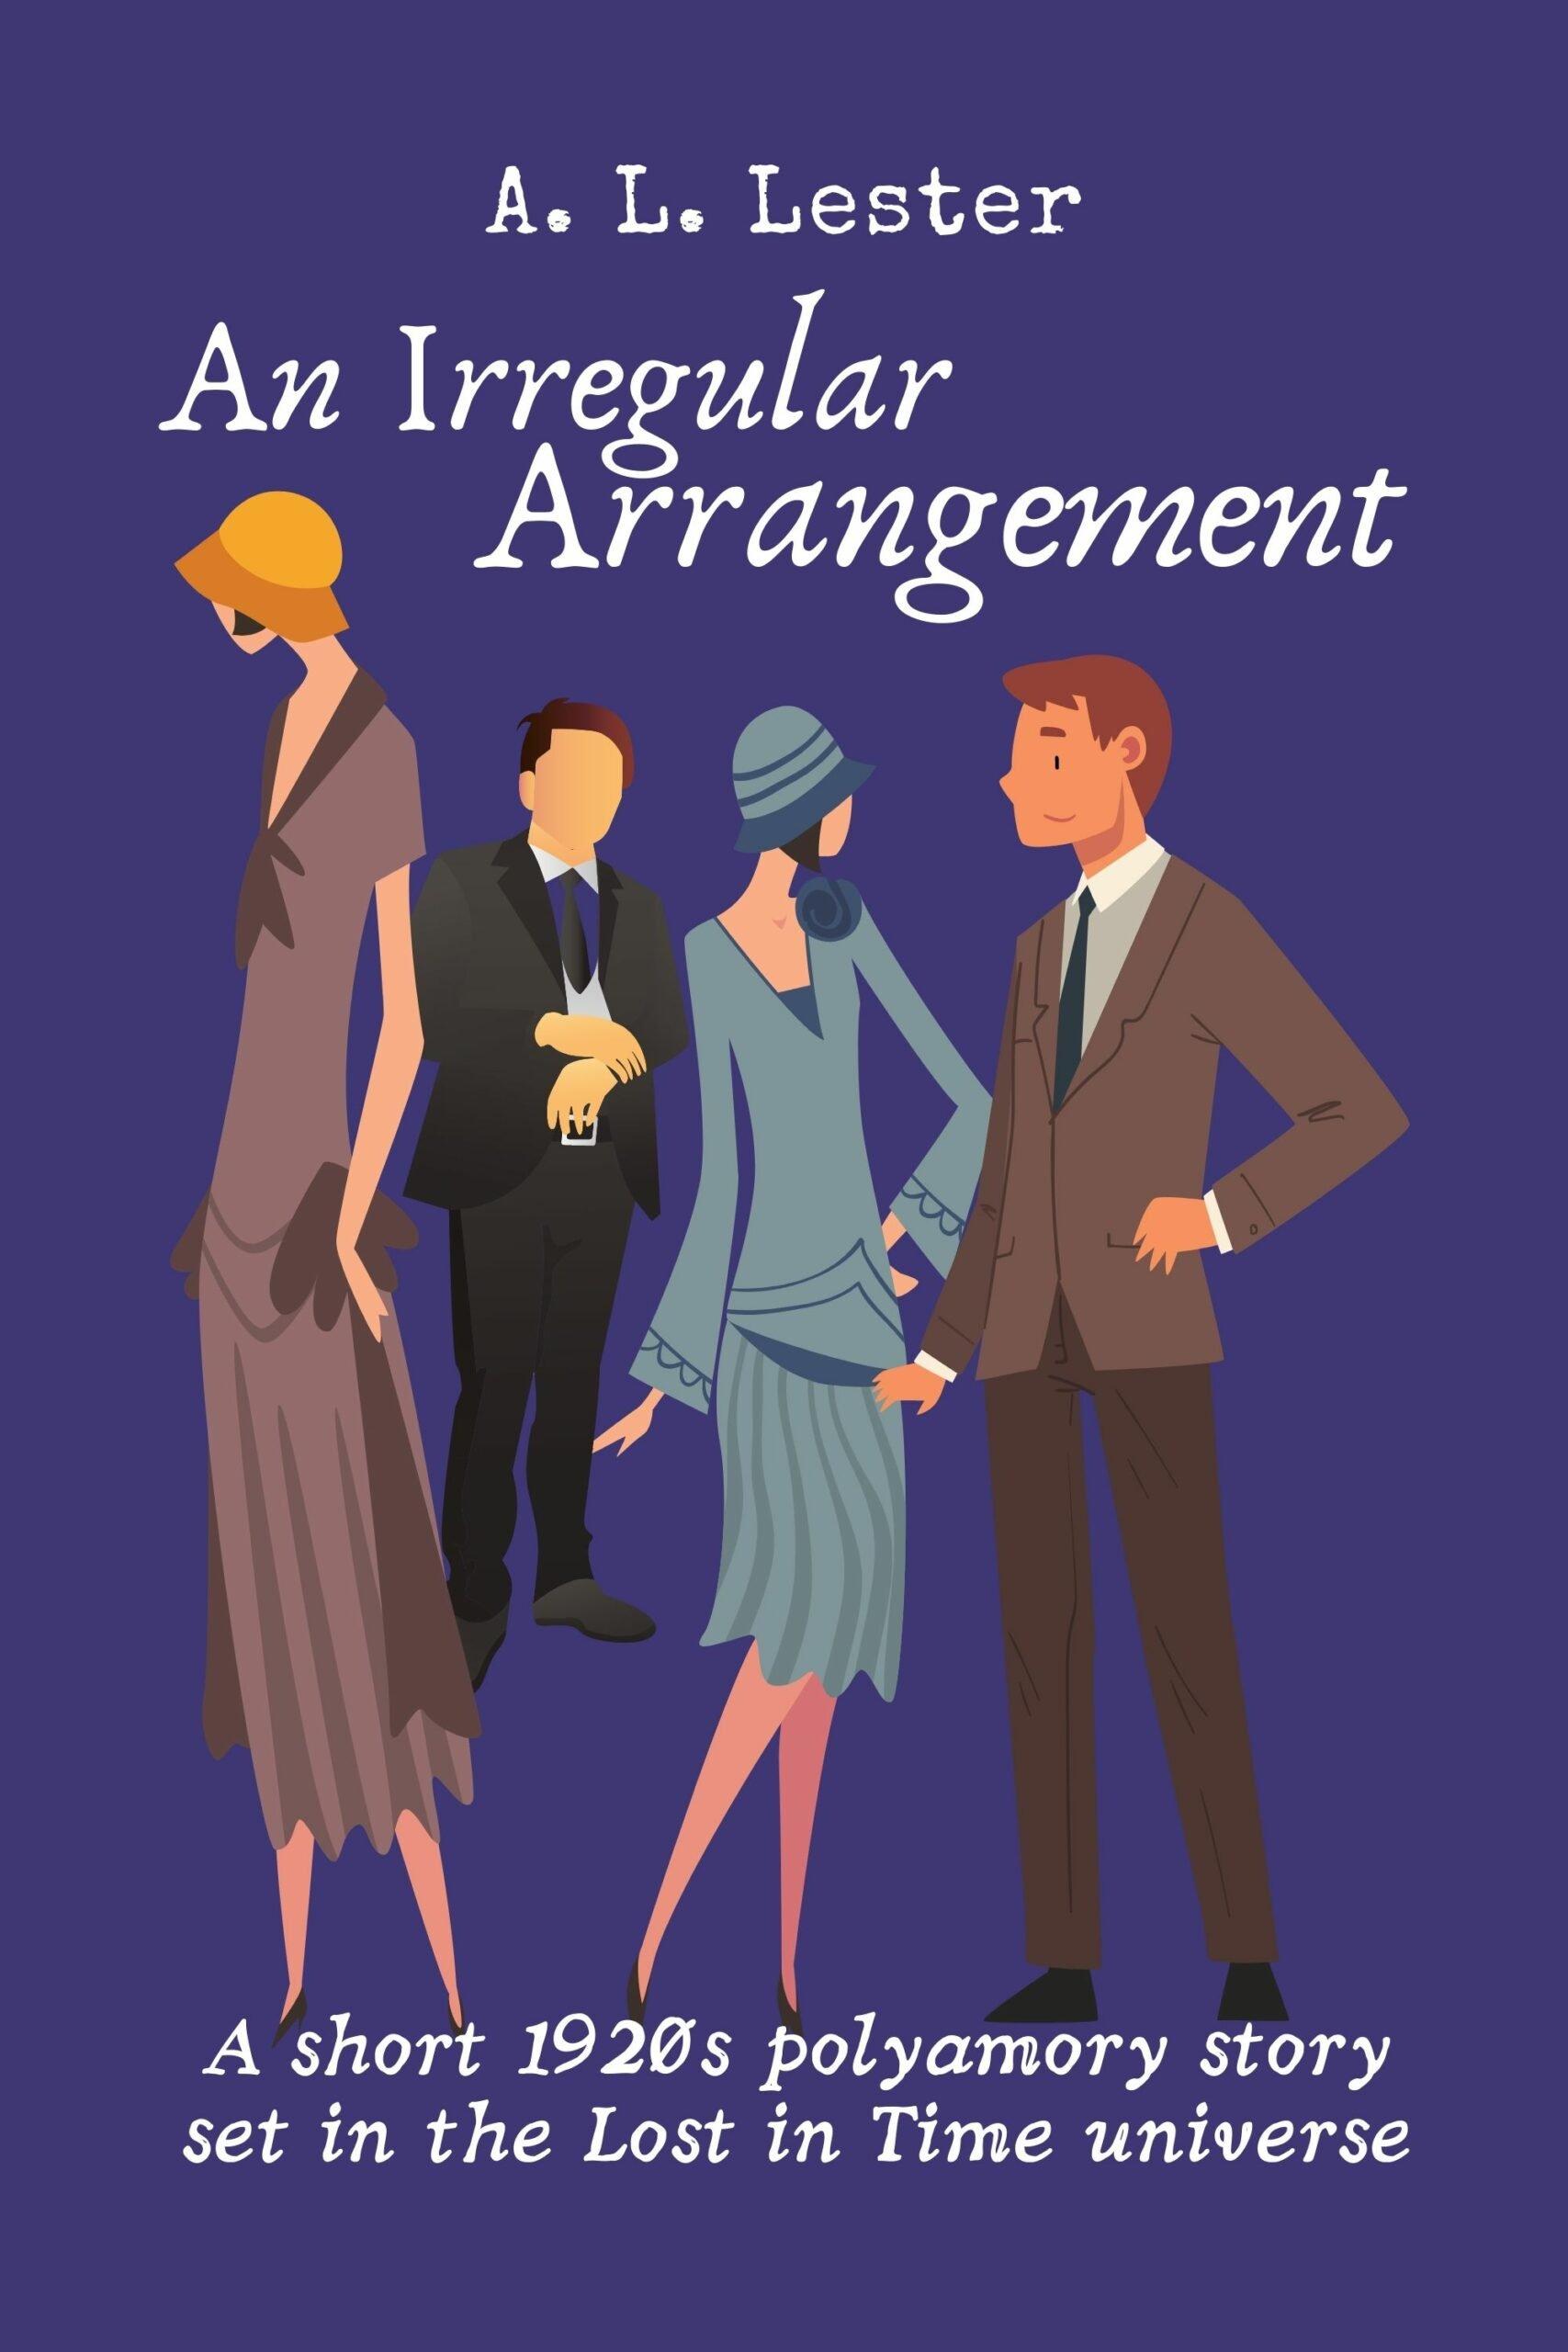 irregular-arrangement-cartoon.jpg